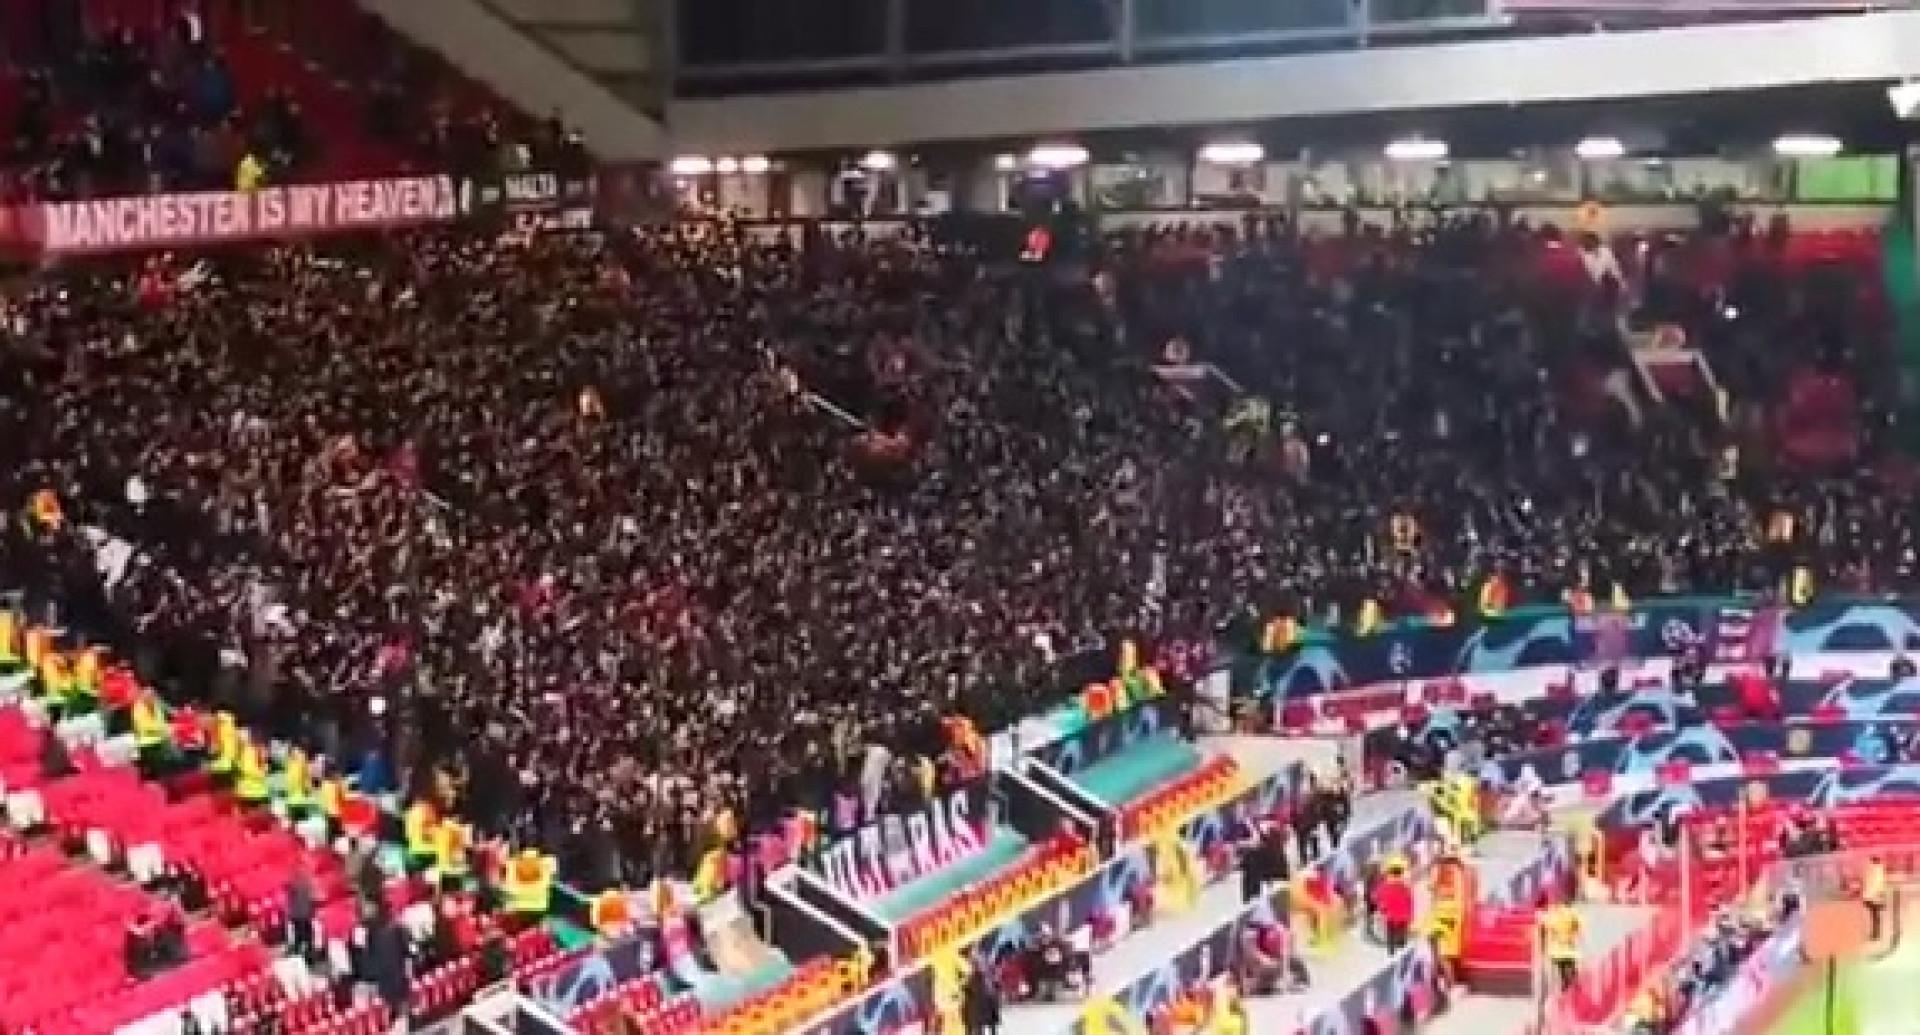 Adeptos do PSG deram espetáculo à parte em Old Trafford